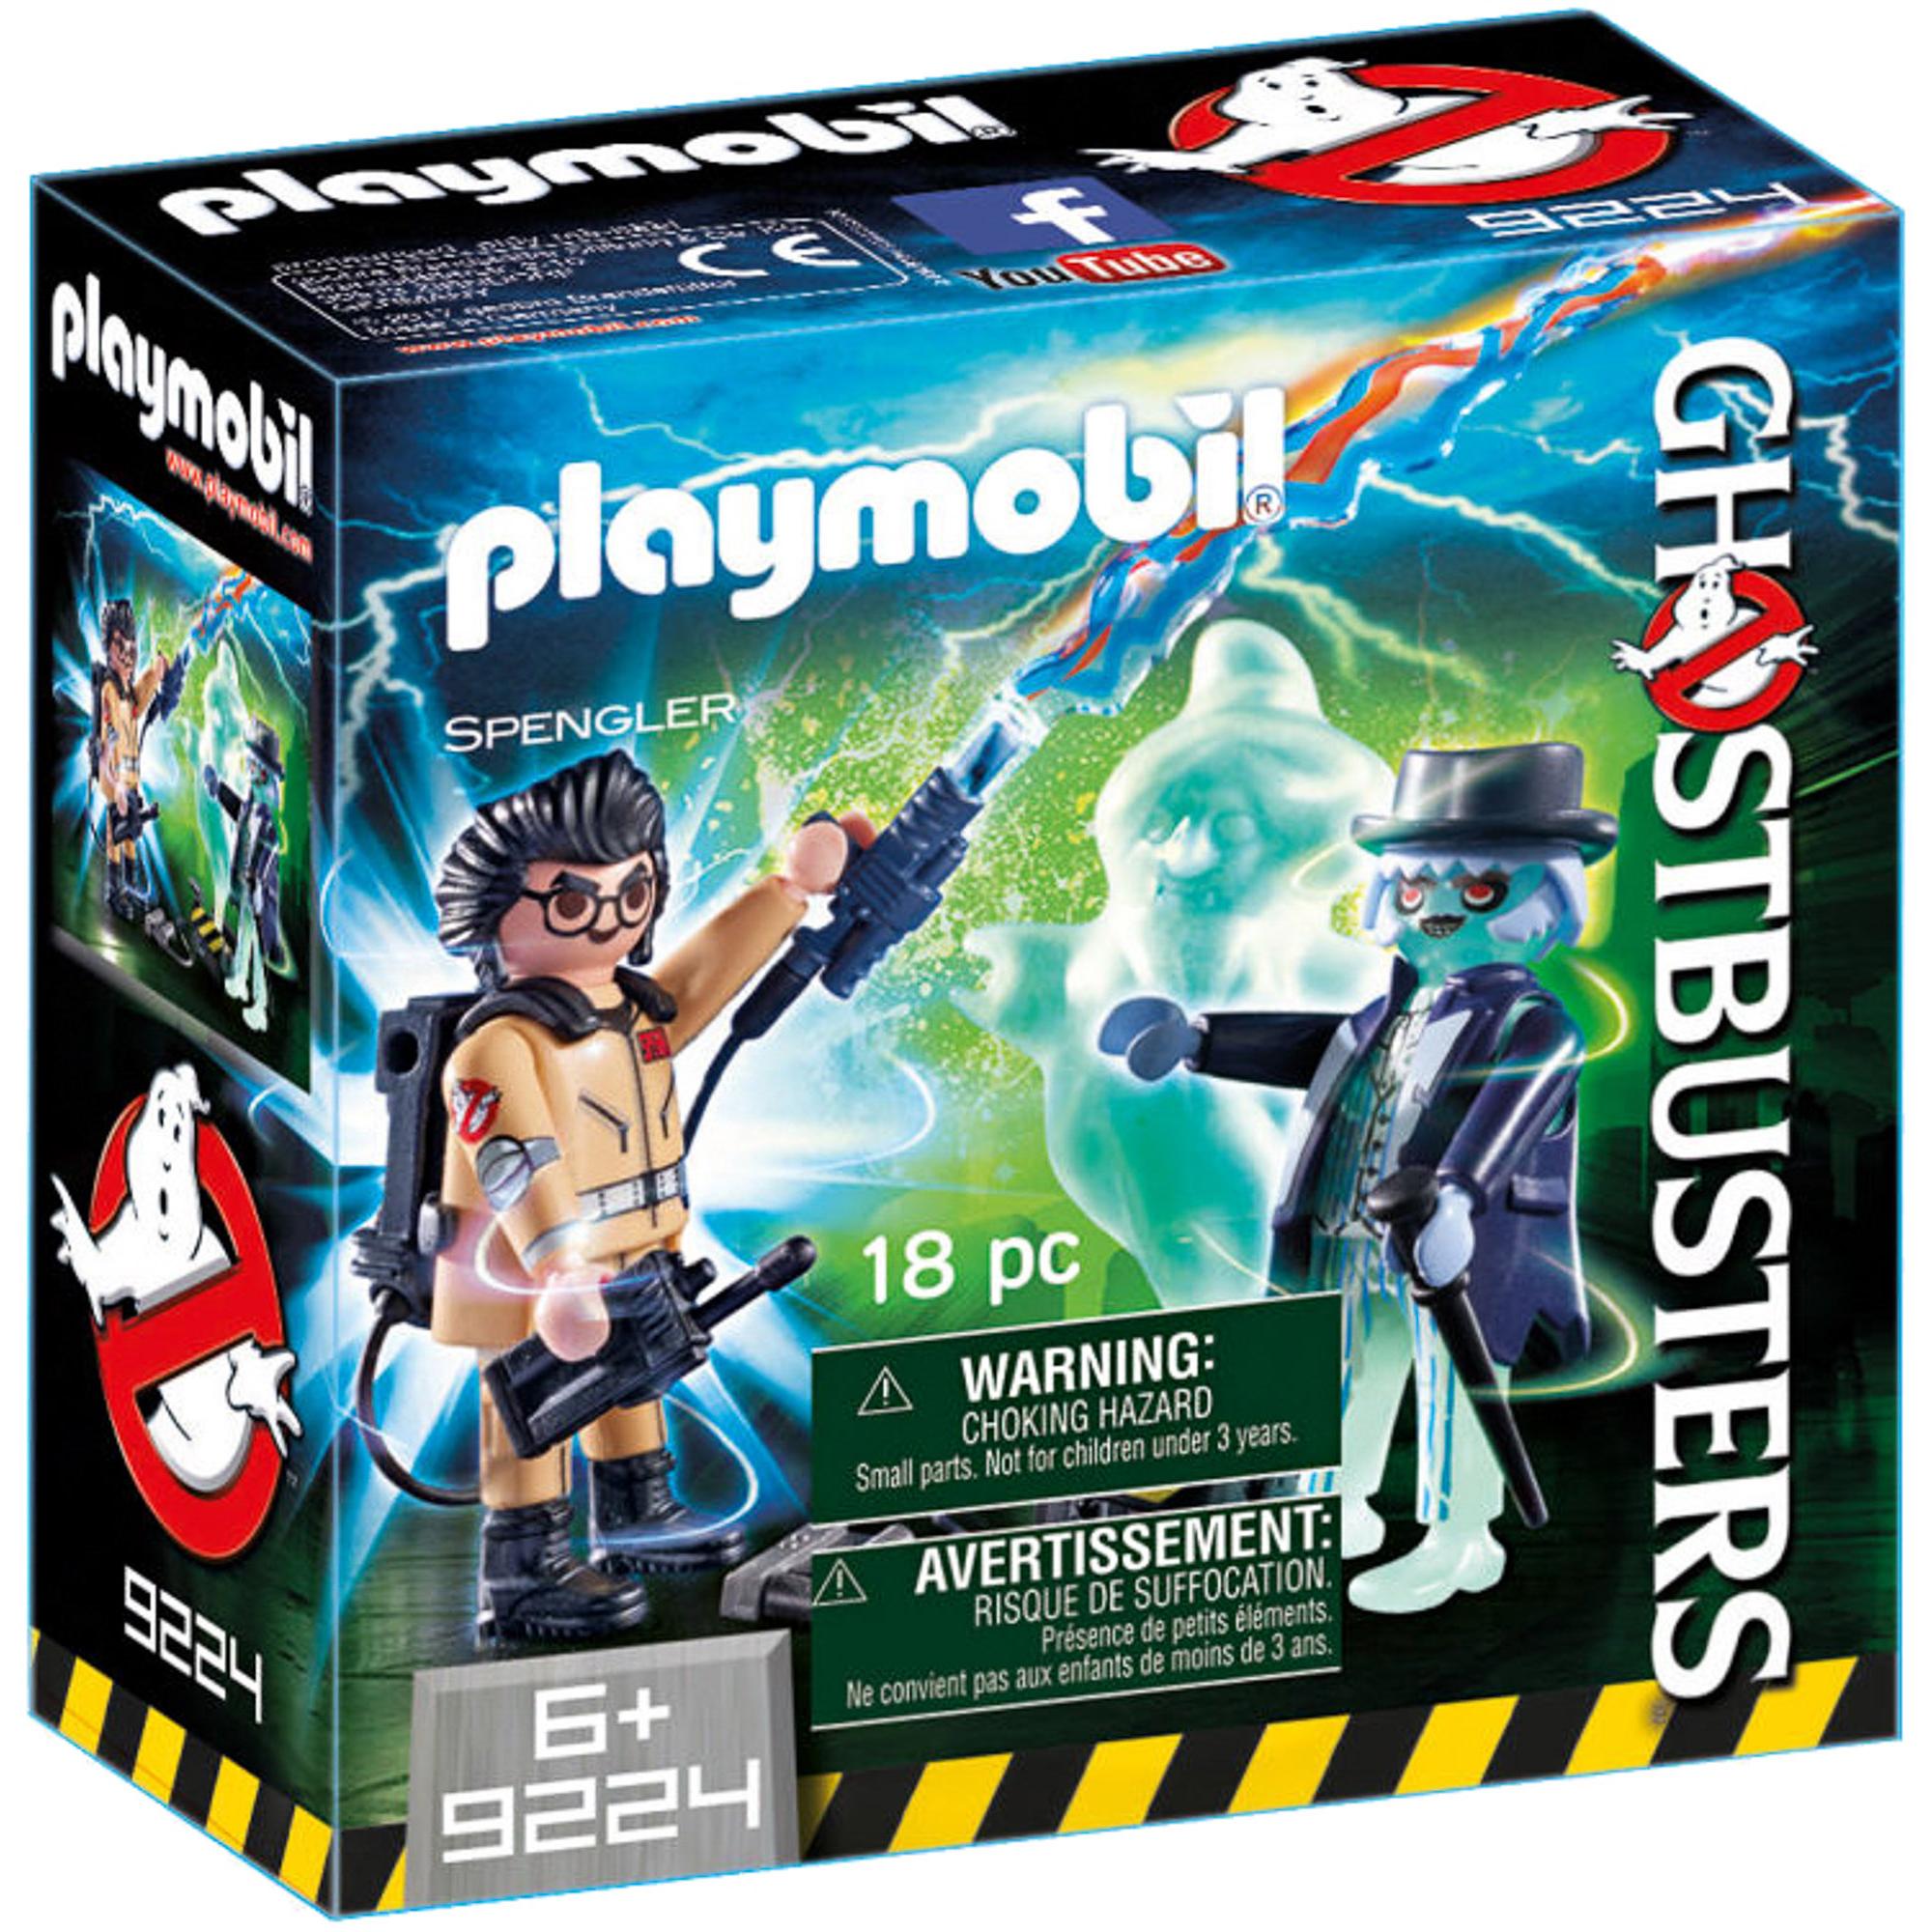 Фото - Игровой набор Playmobil Охотники за привидениями Игон Спенглер и привидение playmobil® конструктор playmobil охотник за привидениями